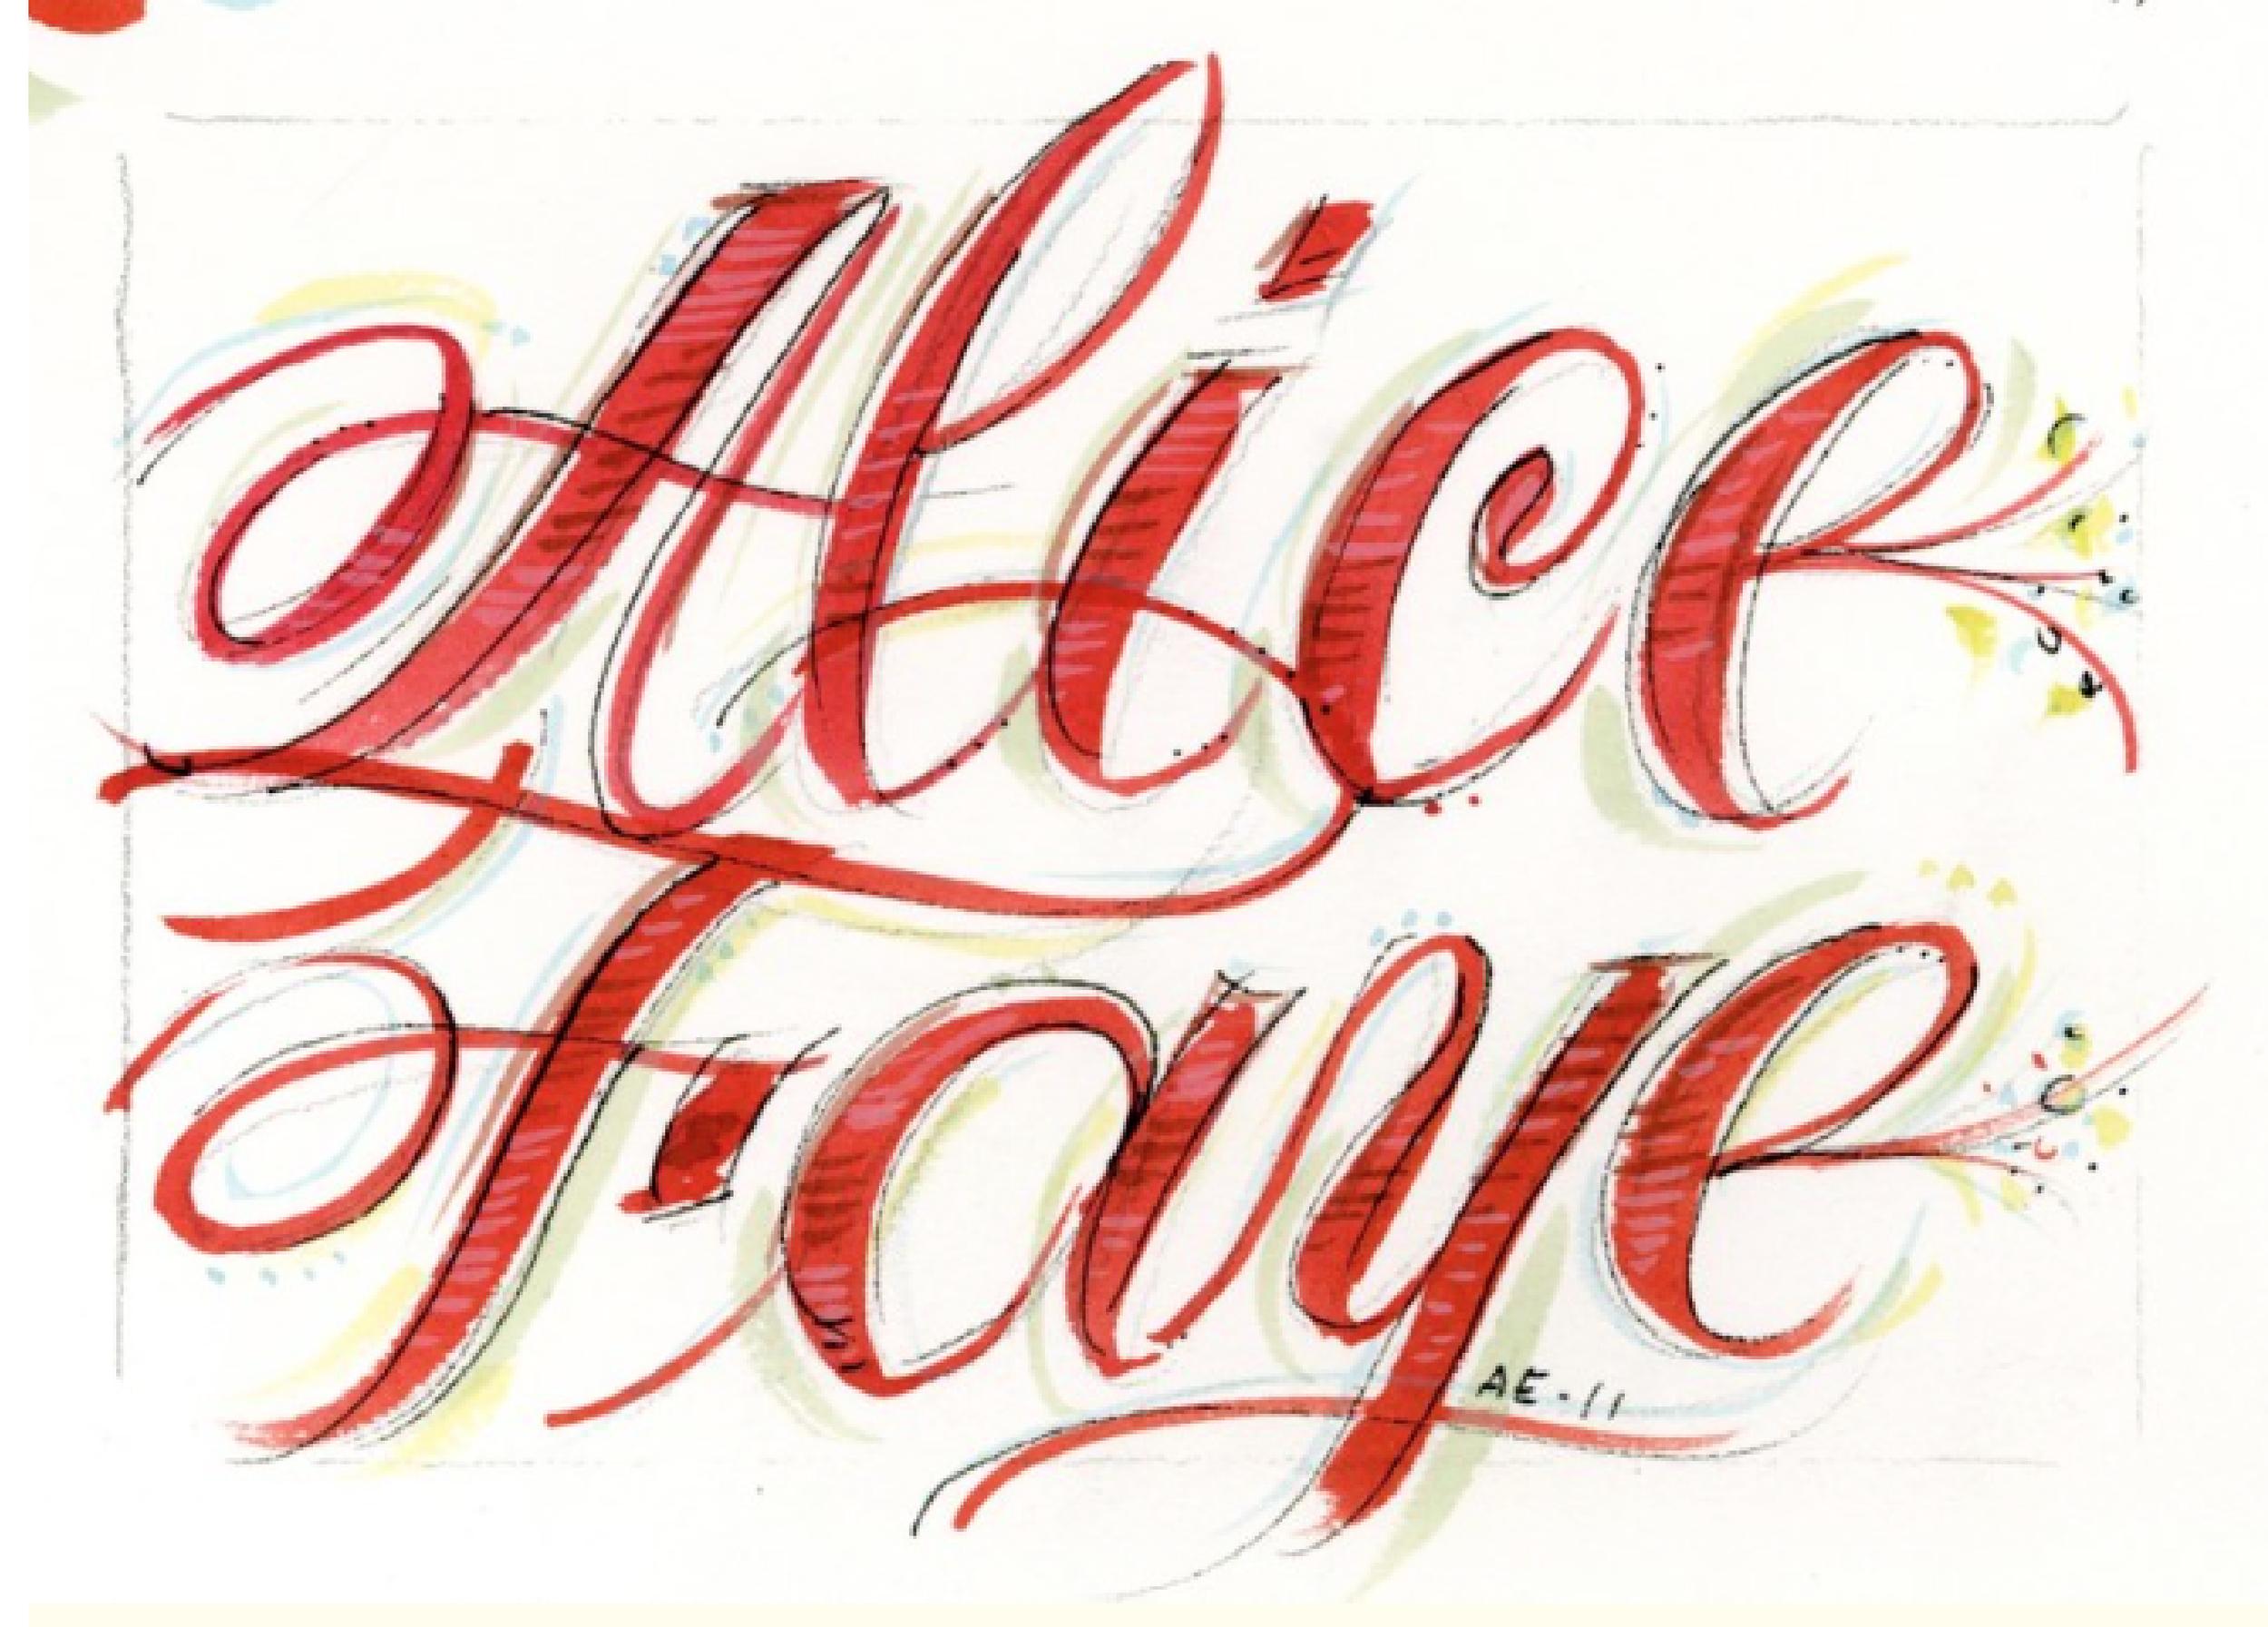 From Anne Elser